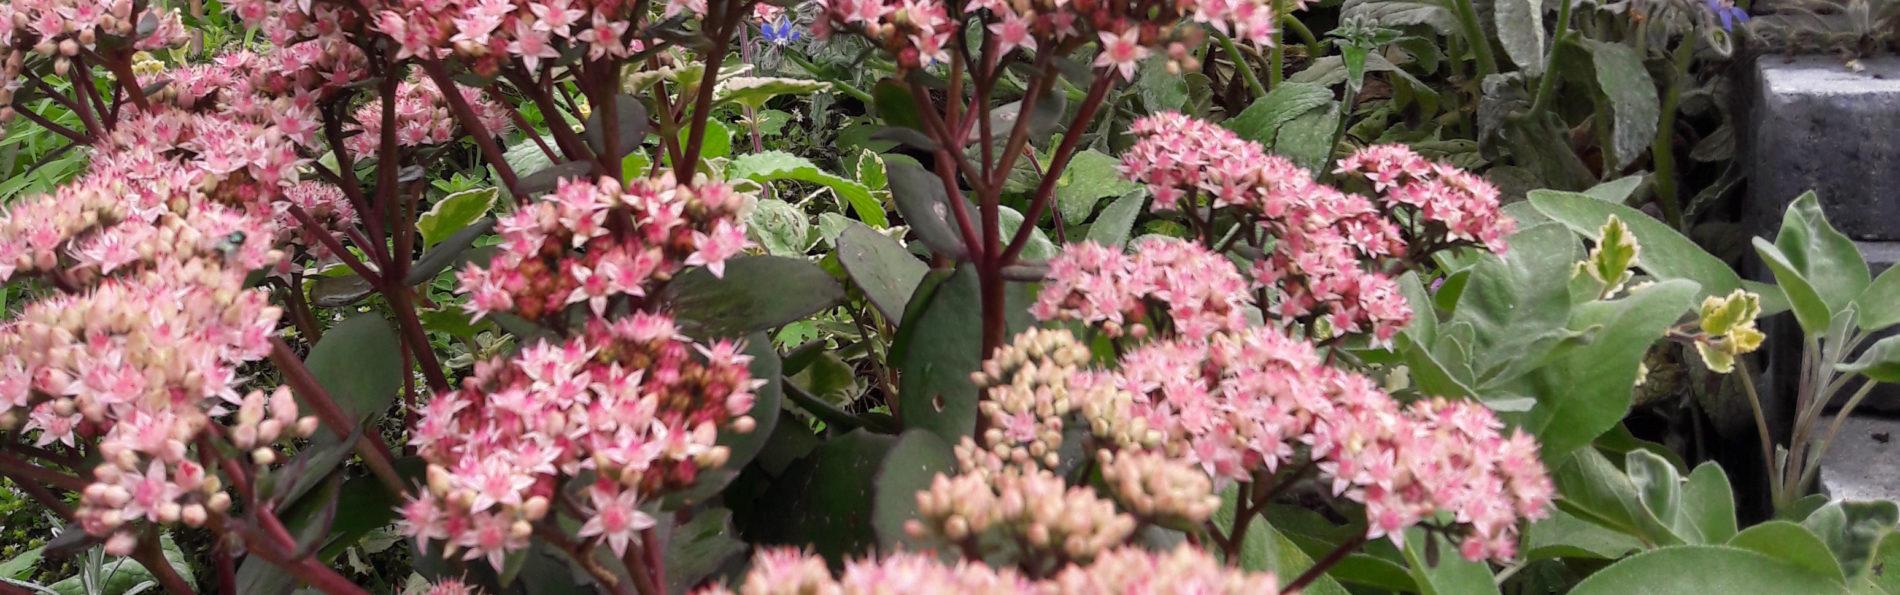 Fetthenne – Rosa Herbstfreude